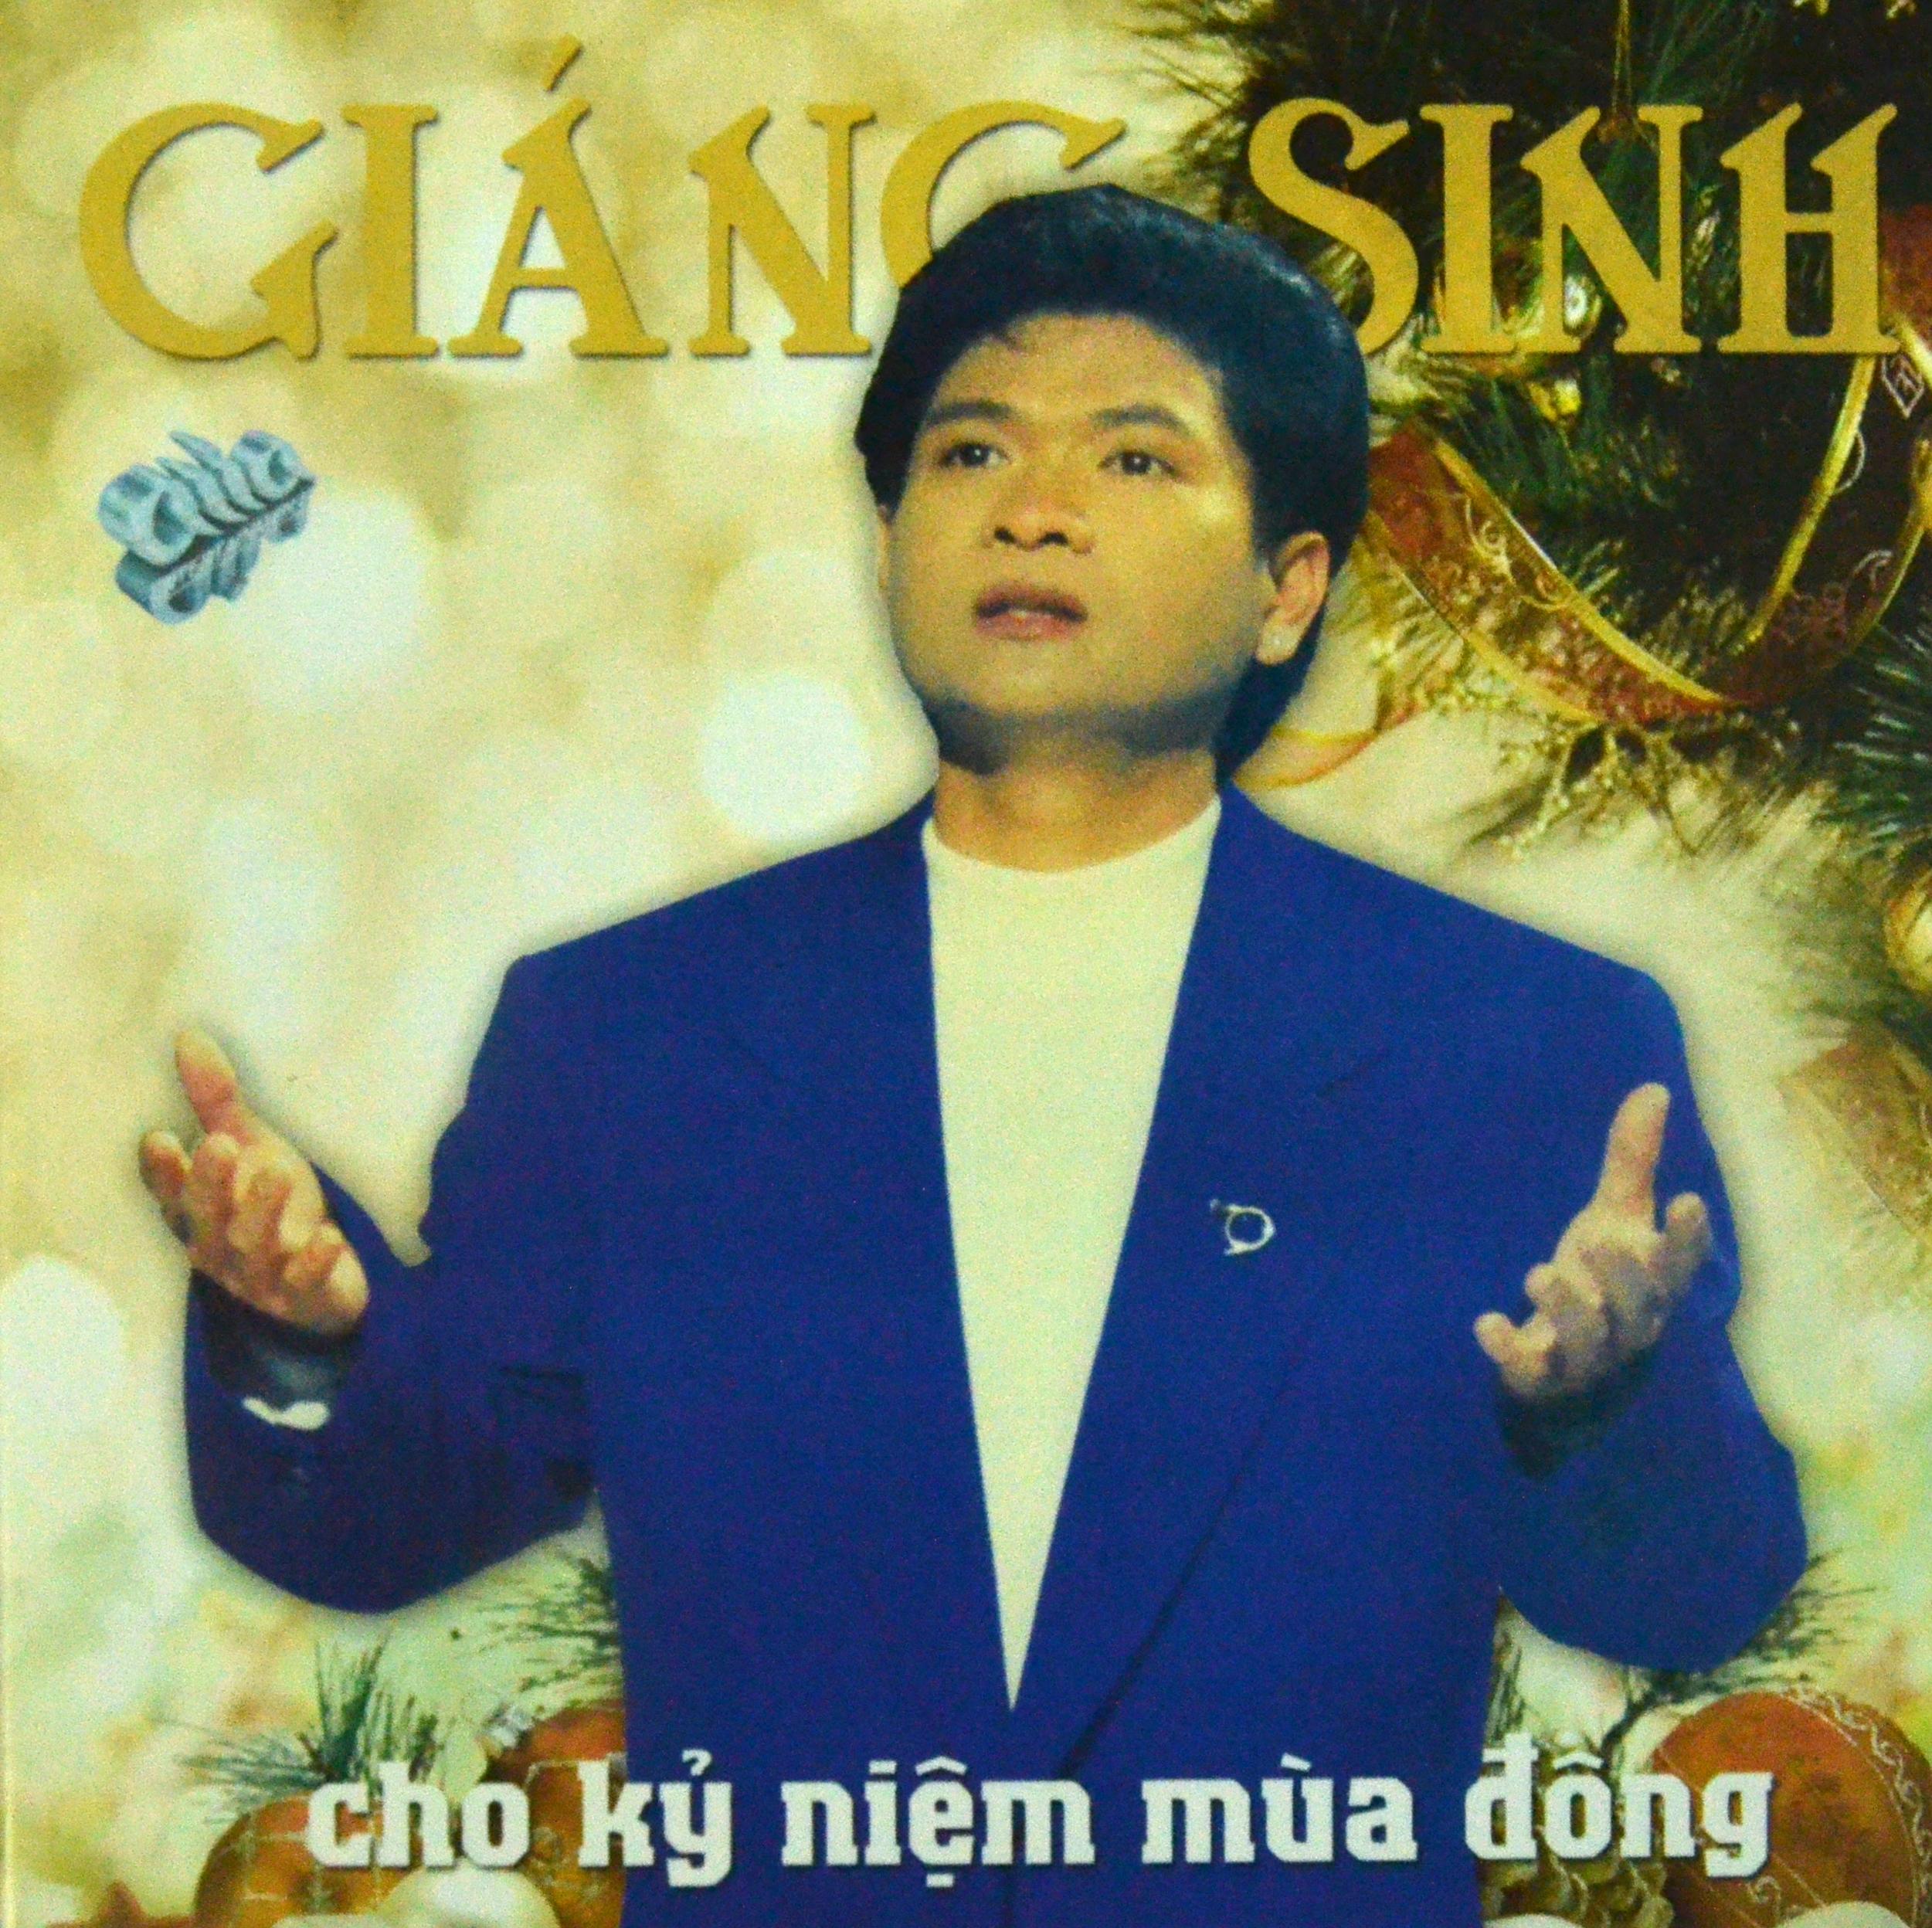 CD Cho Kỷ Niệm Mùa Đông